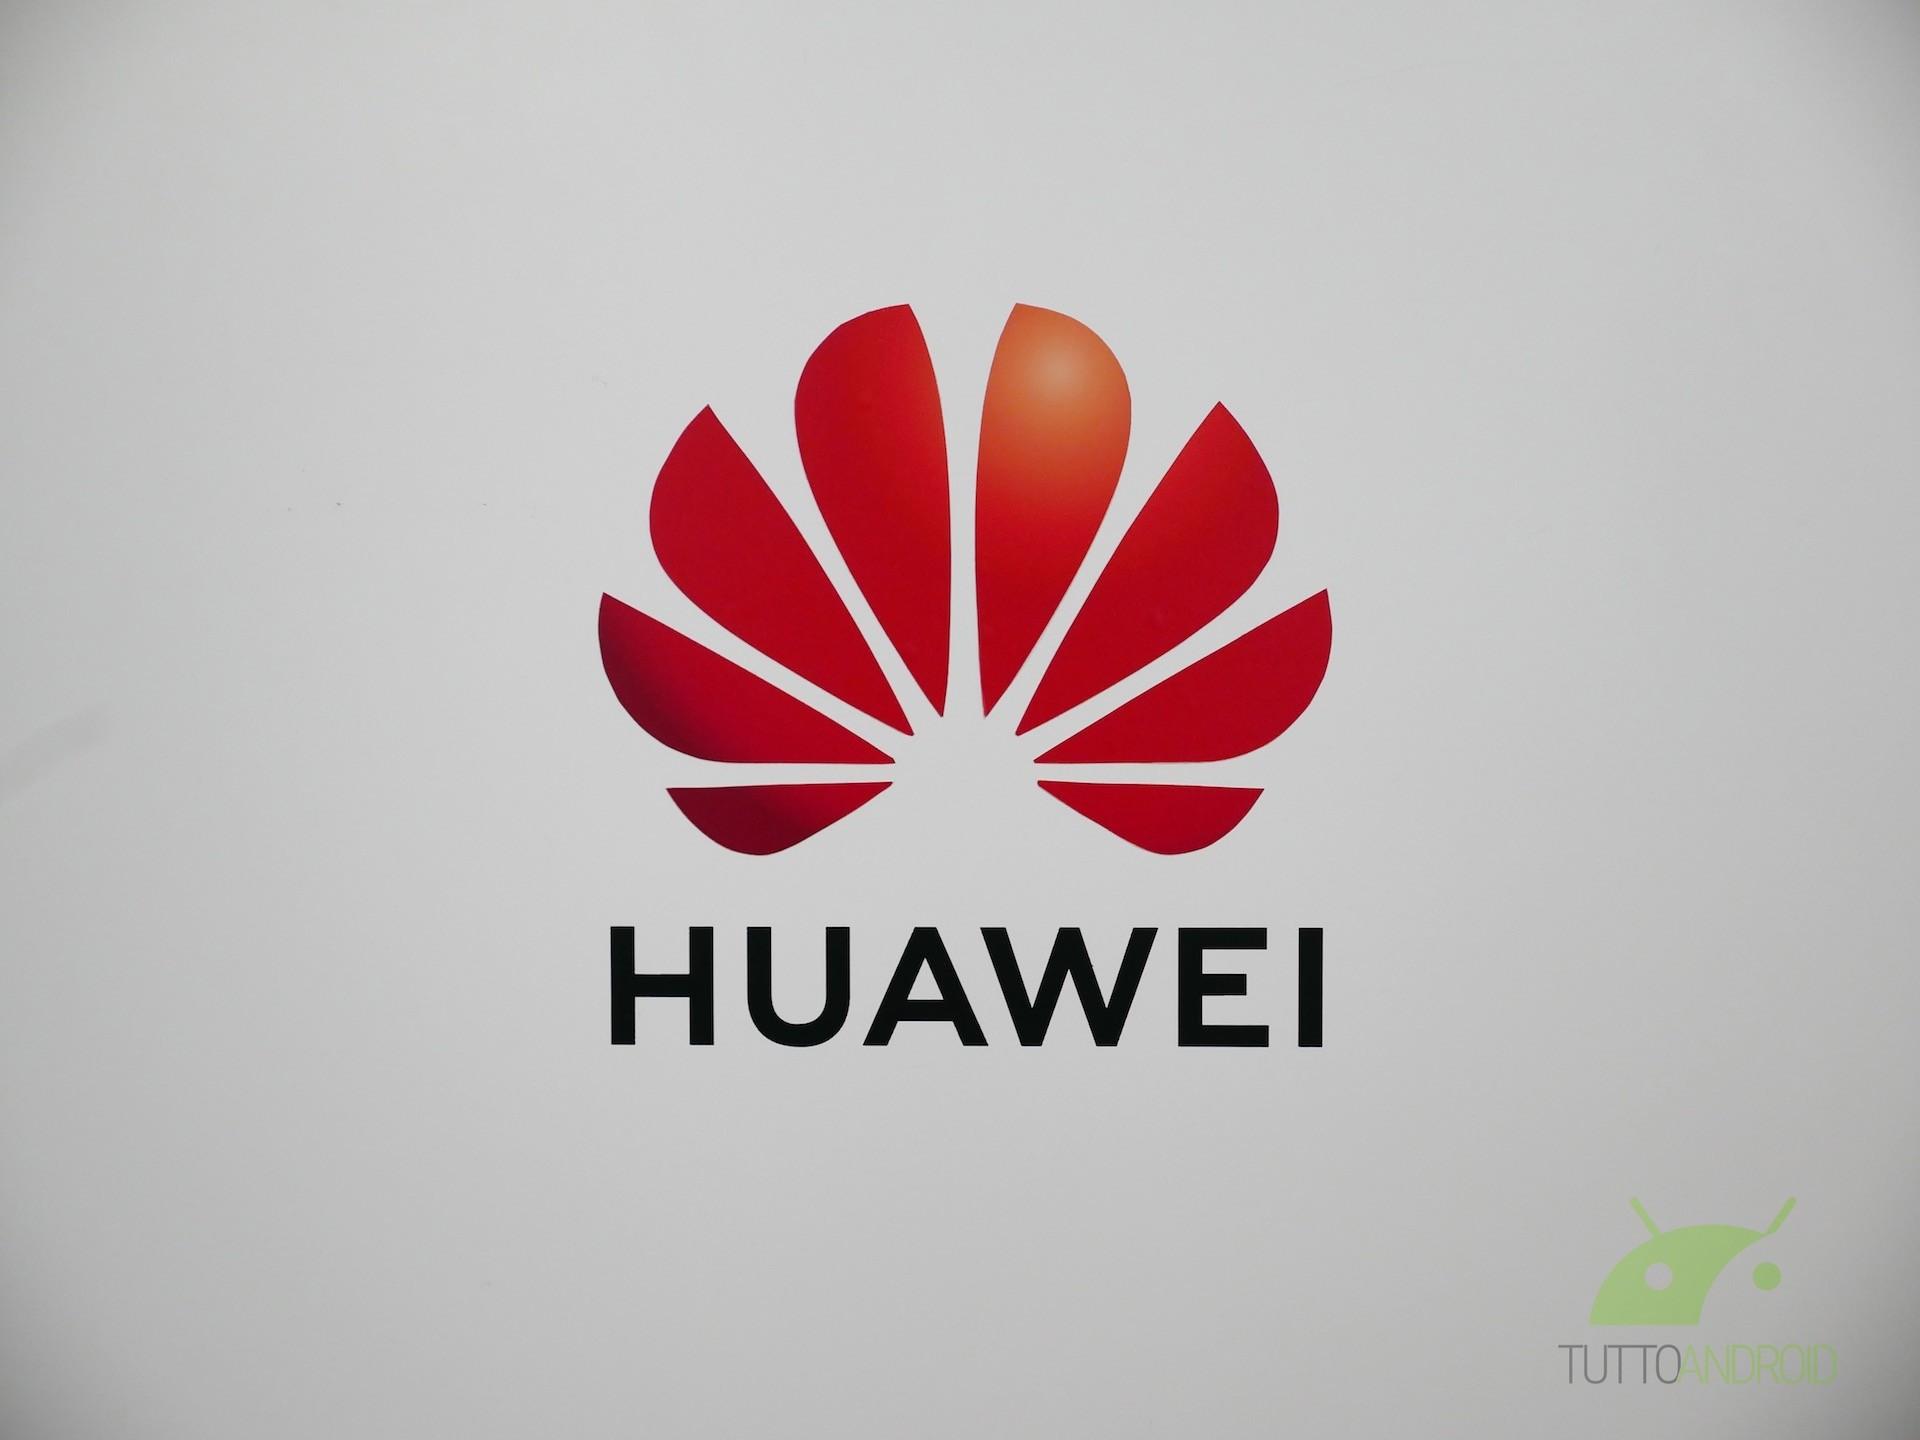 Huawei protegge l'Europa da falle e vulnerabilità con laute